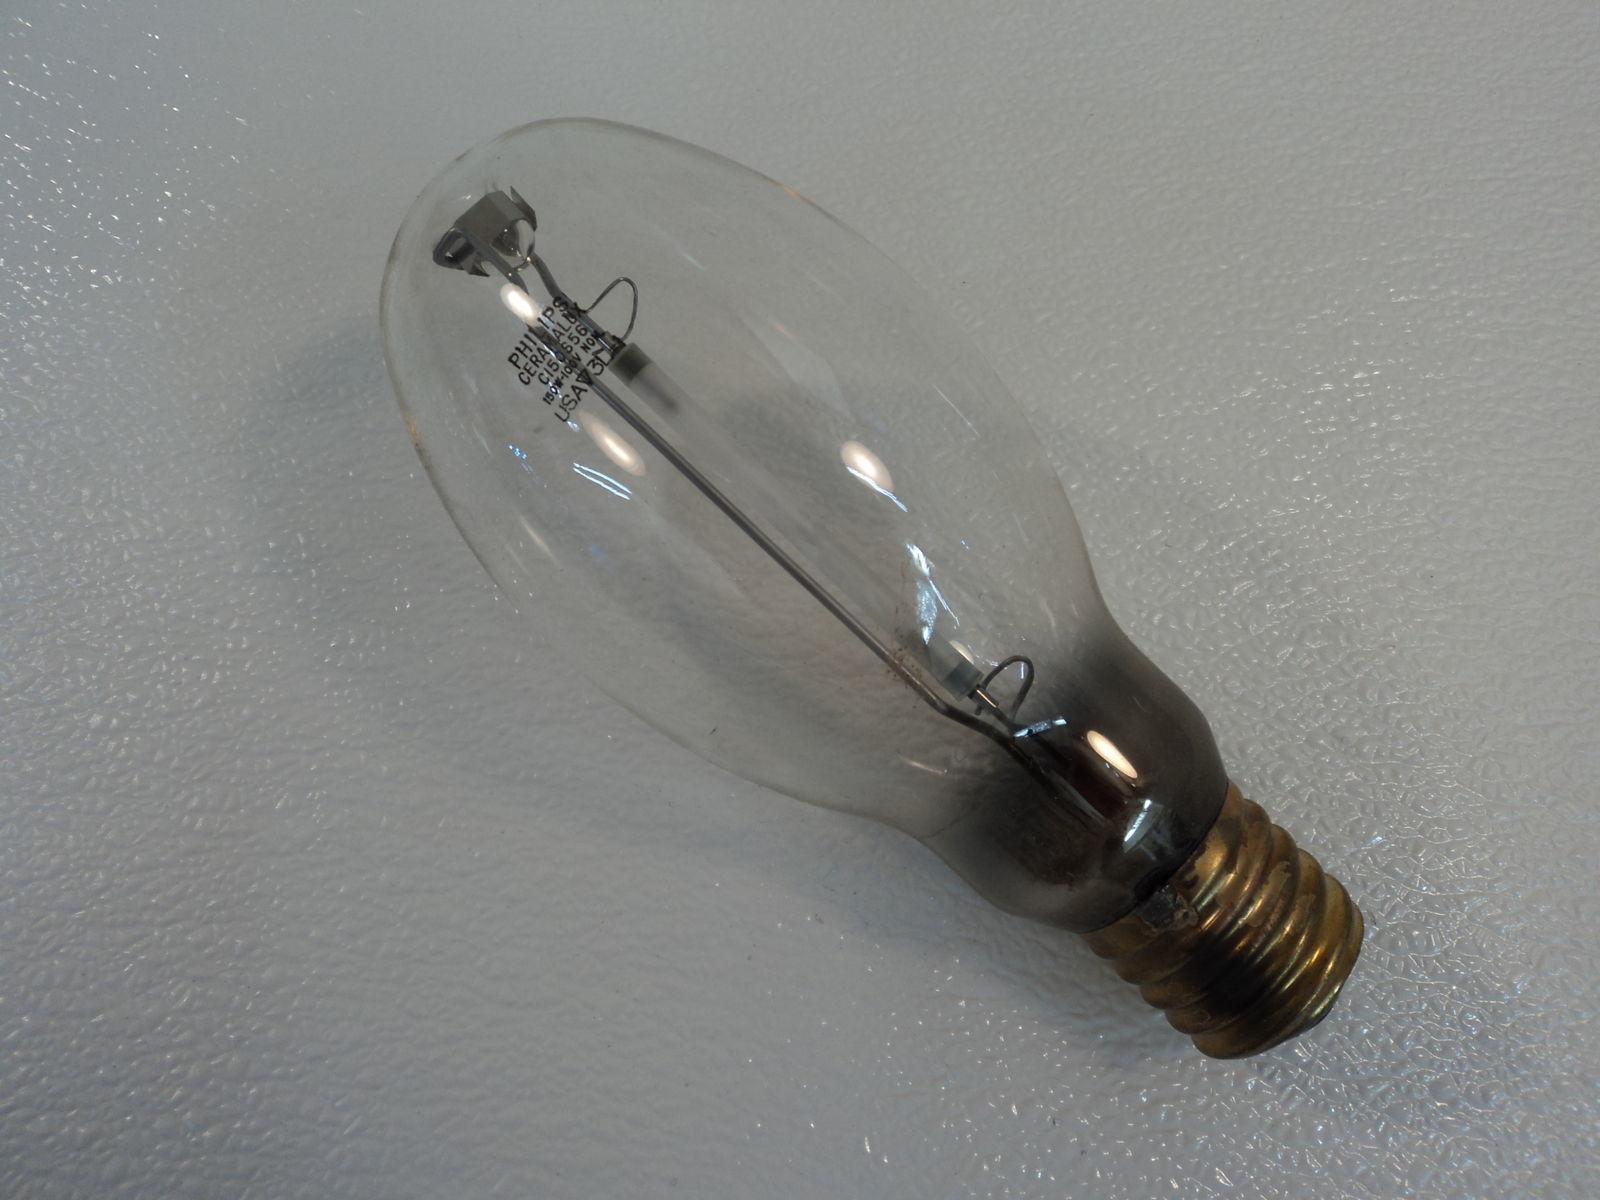 Philips 150W Ceramalux High Pressure Sodium Clear Lamp ED28 Series C150S56